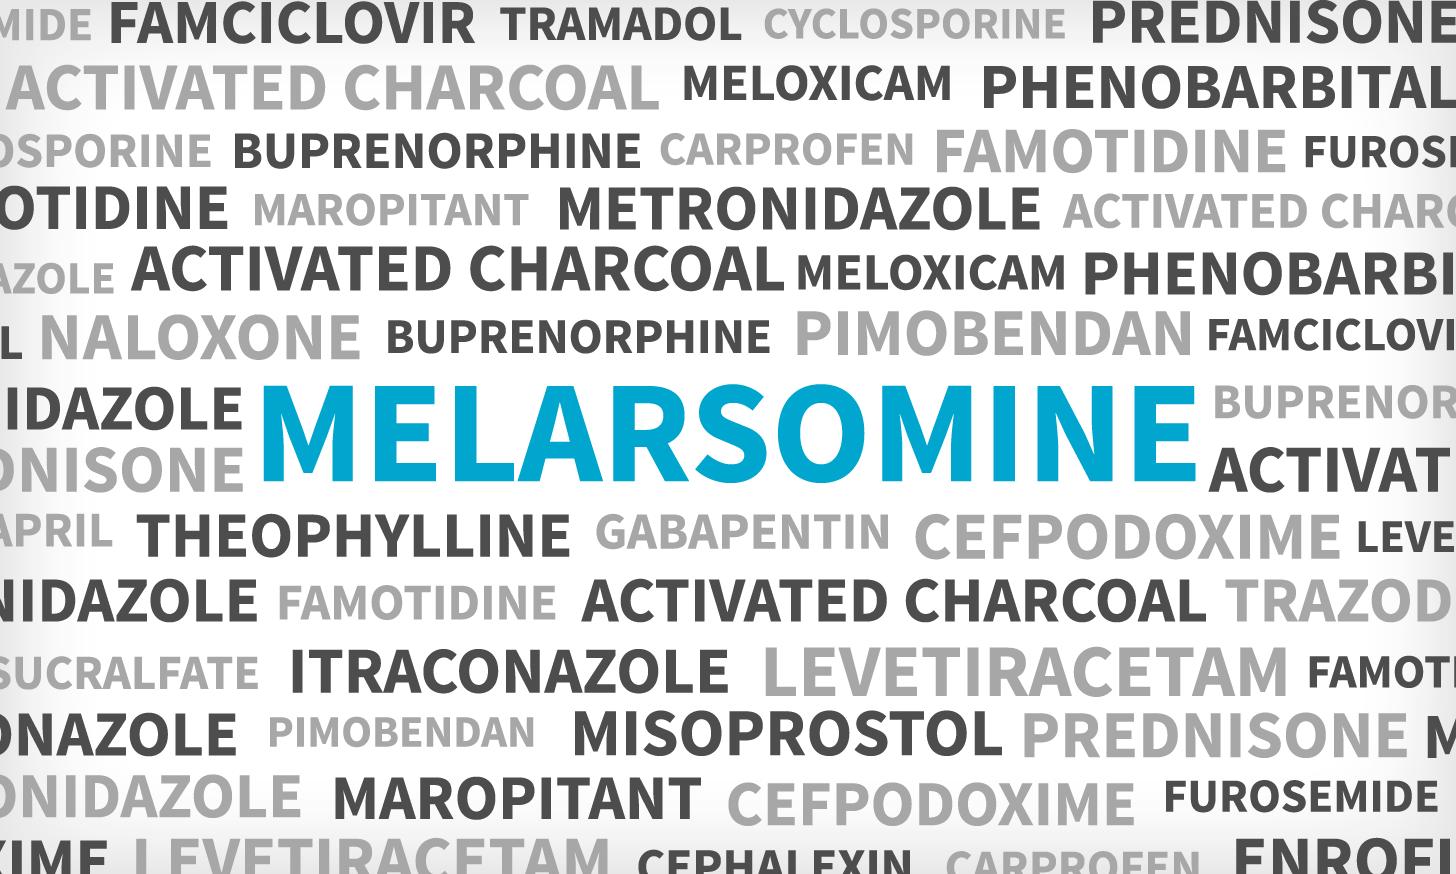 Melarsomine